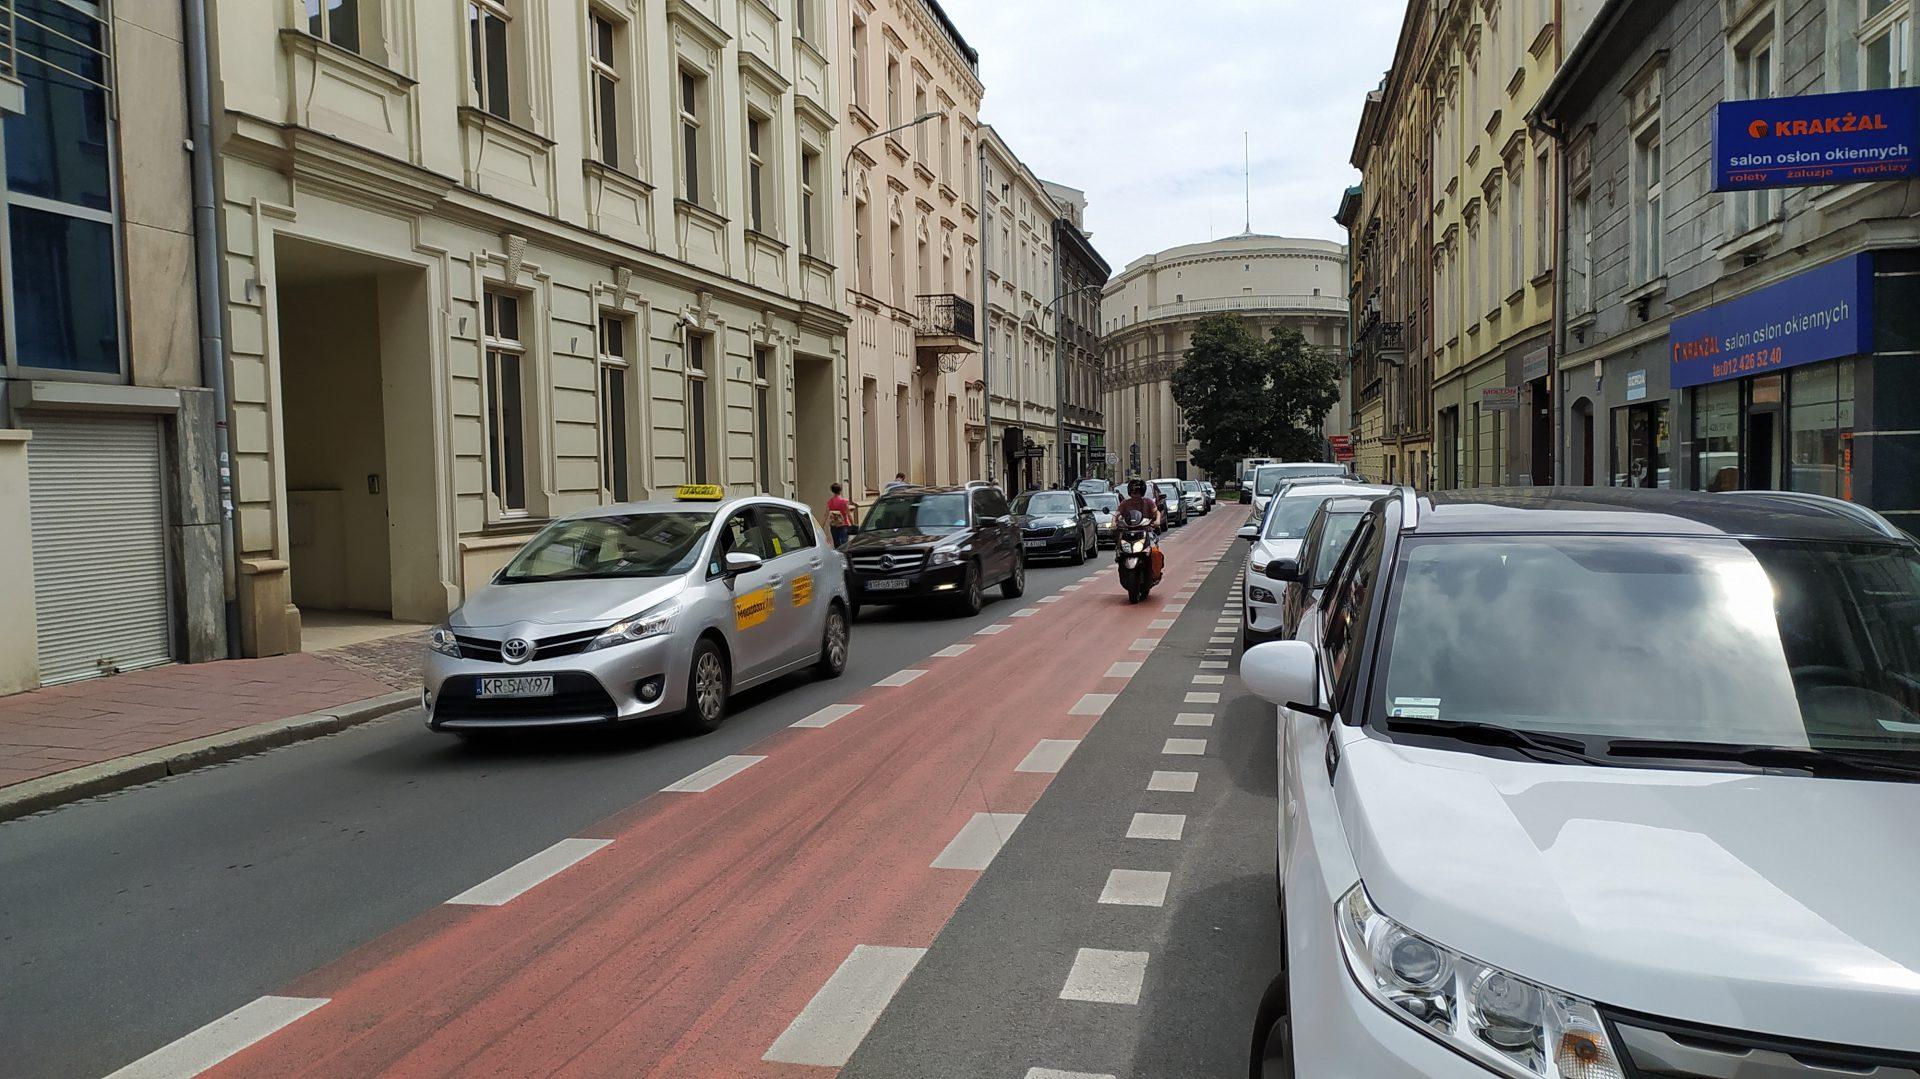 W ostatnich latach stworzono m. in. drogę dla rowerów na ulicy Wielopole. Łukasz Franek jest uważany za bardzo prorowerowego urzędnika.